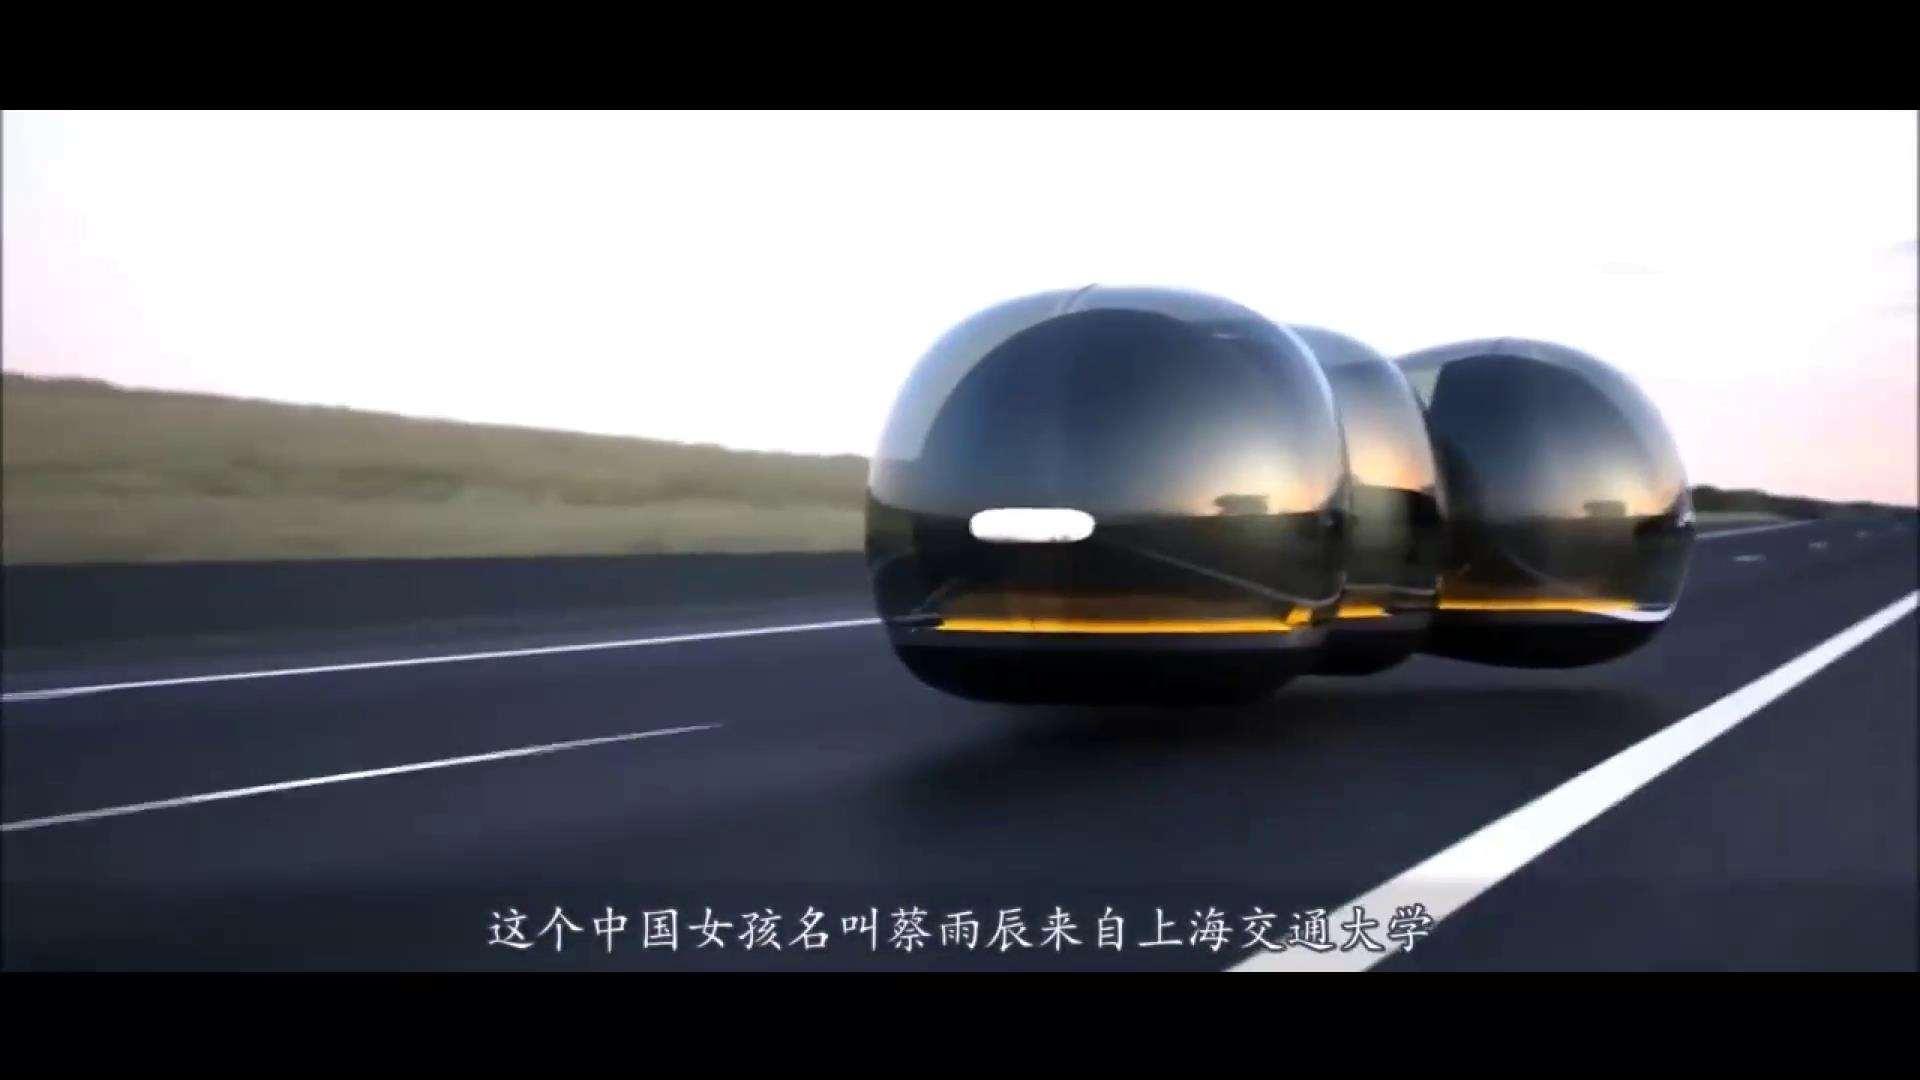 中国女大学生新发明,拒绝该国上千万购买,将专利带回祖国